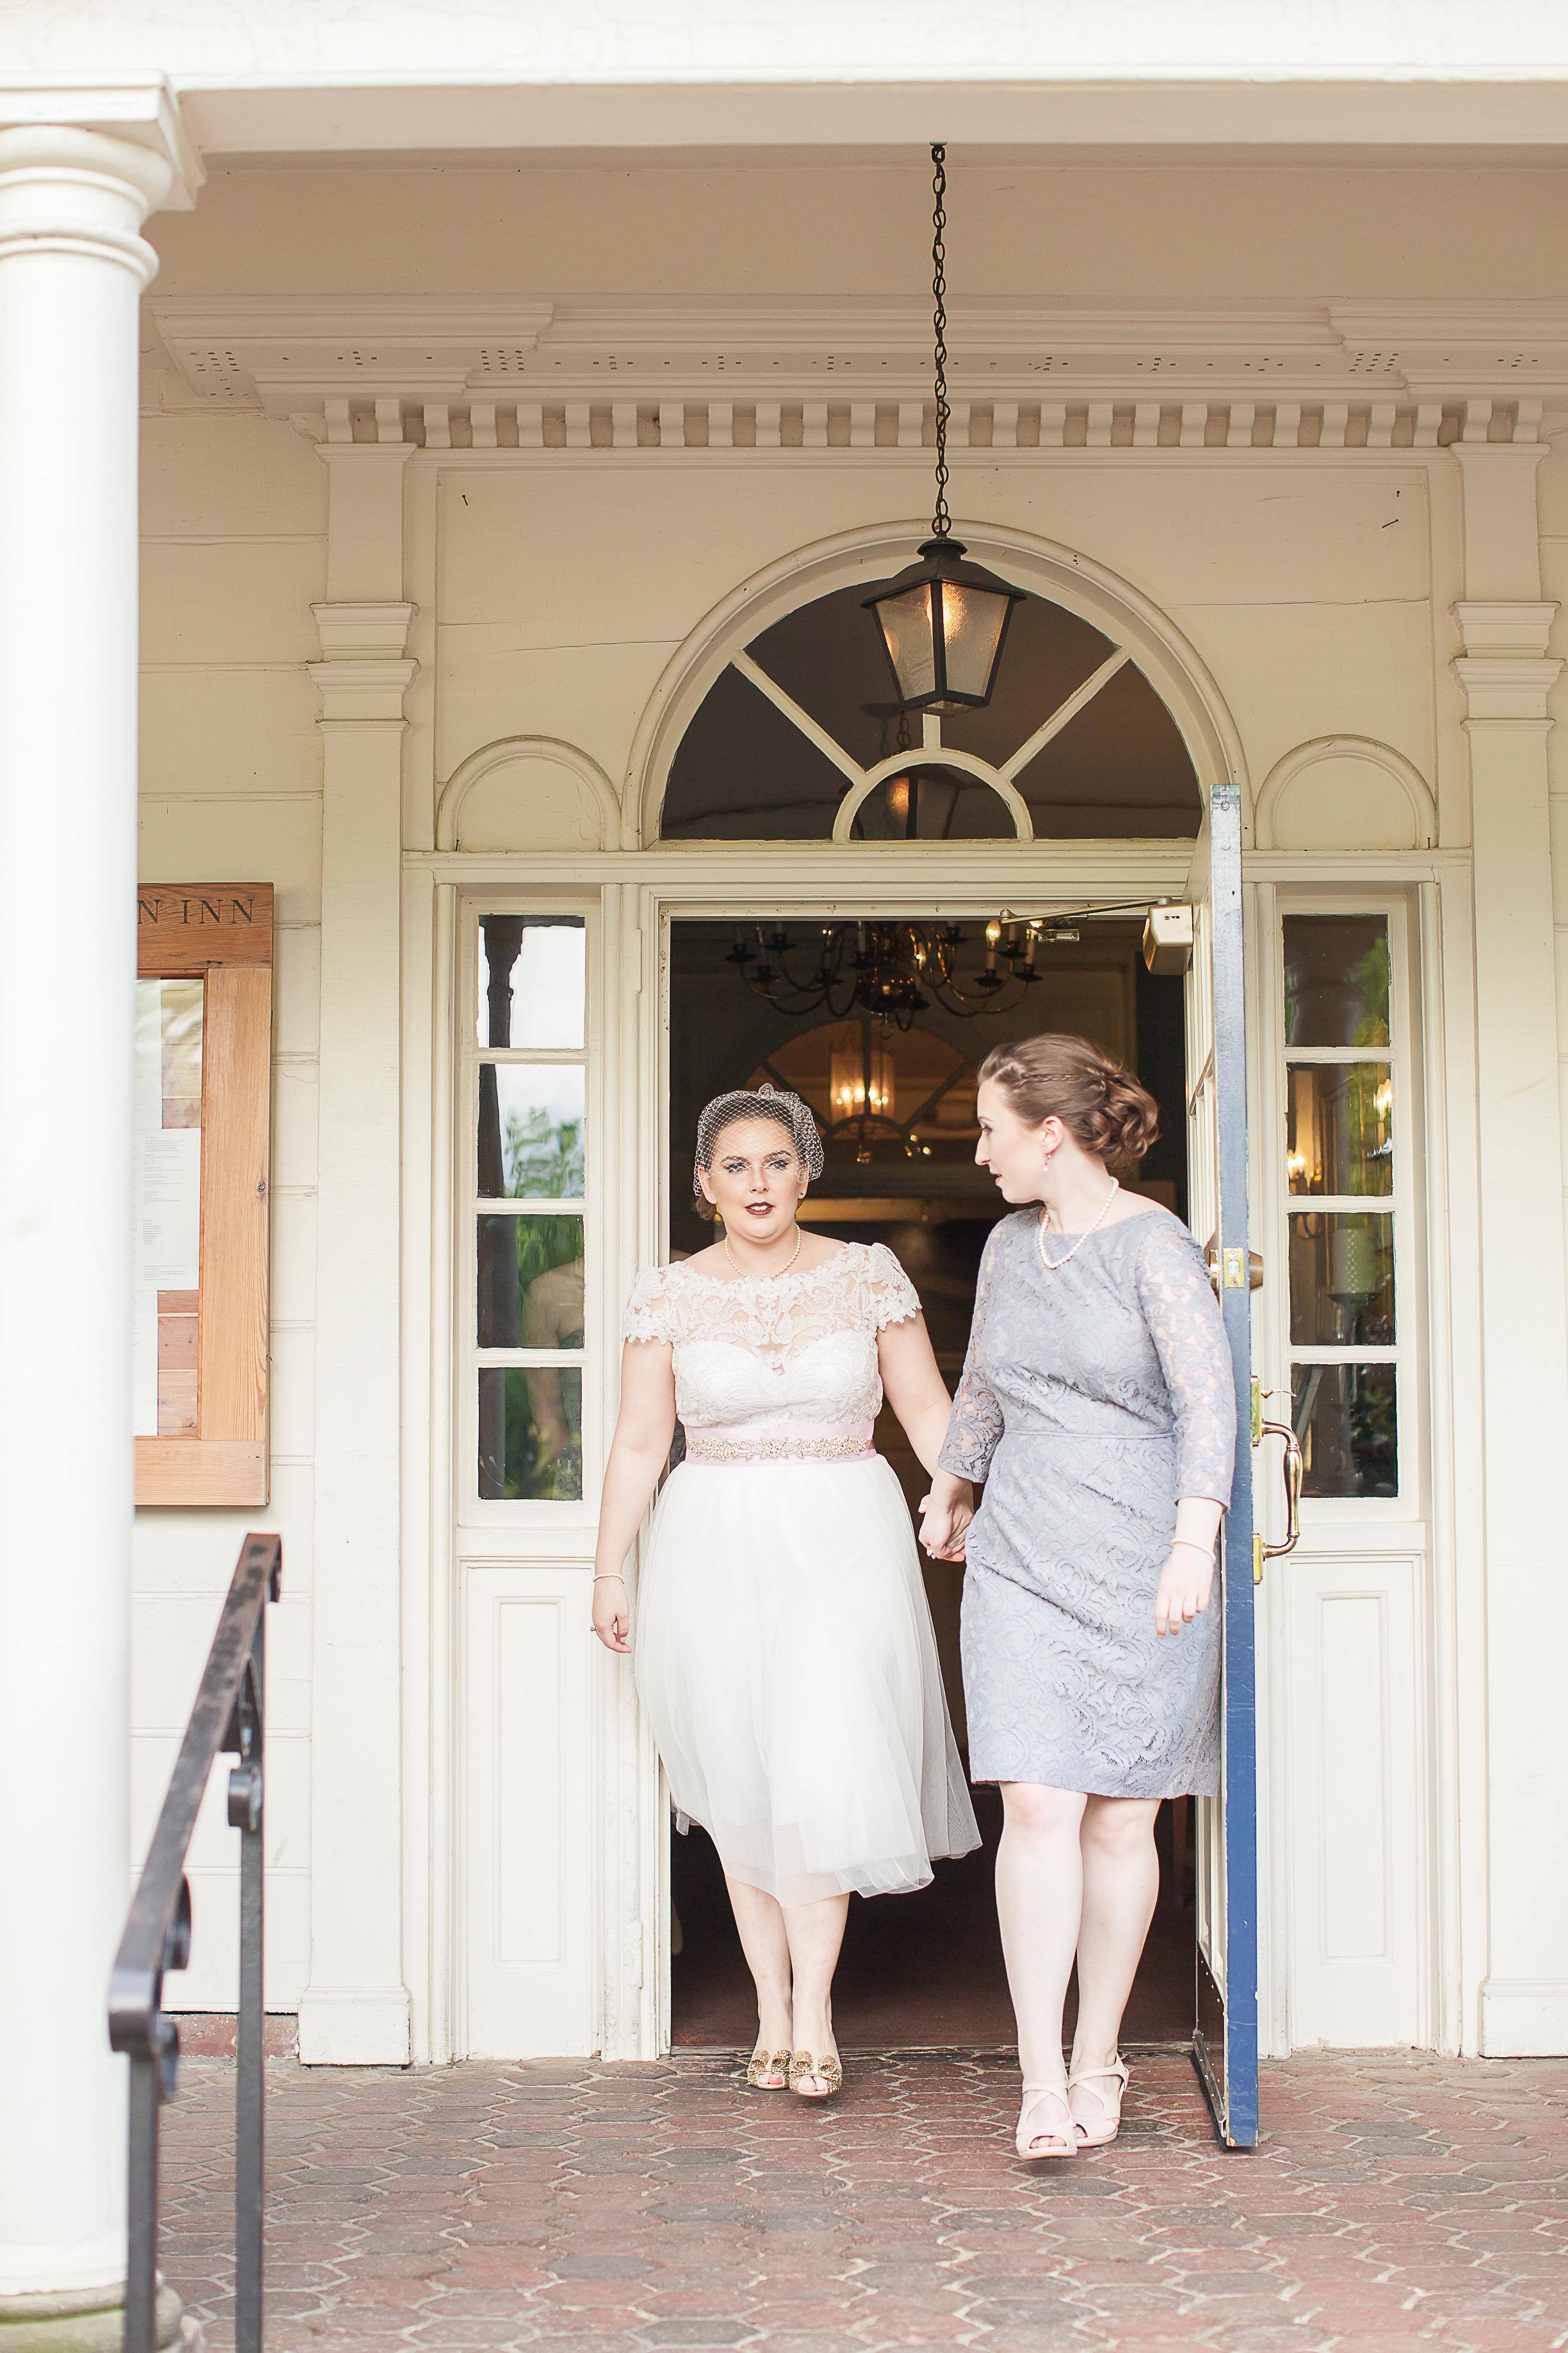 K-S-Wedding-Kim-Pham-Clark-Photography-152.jpg